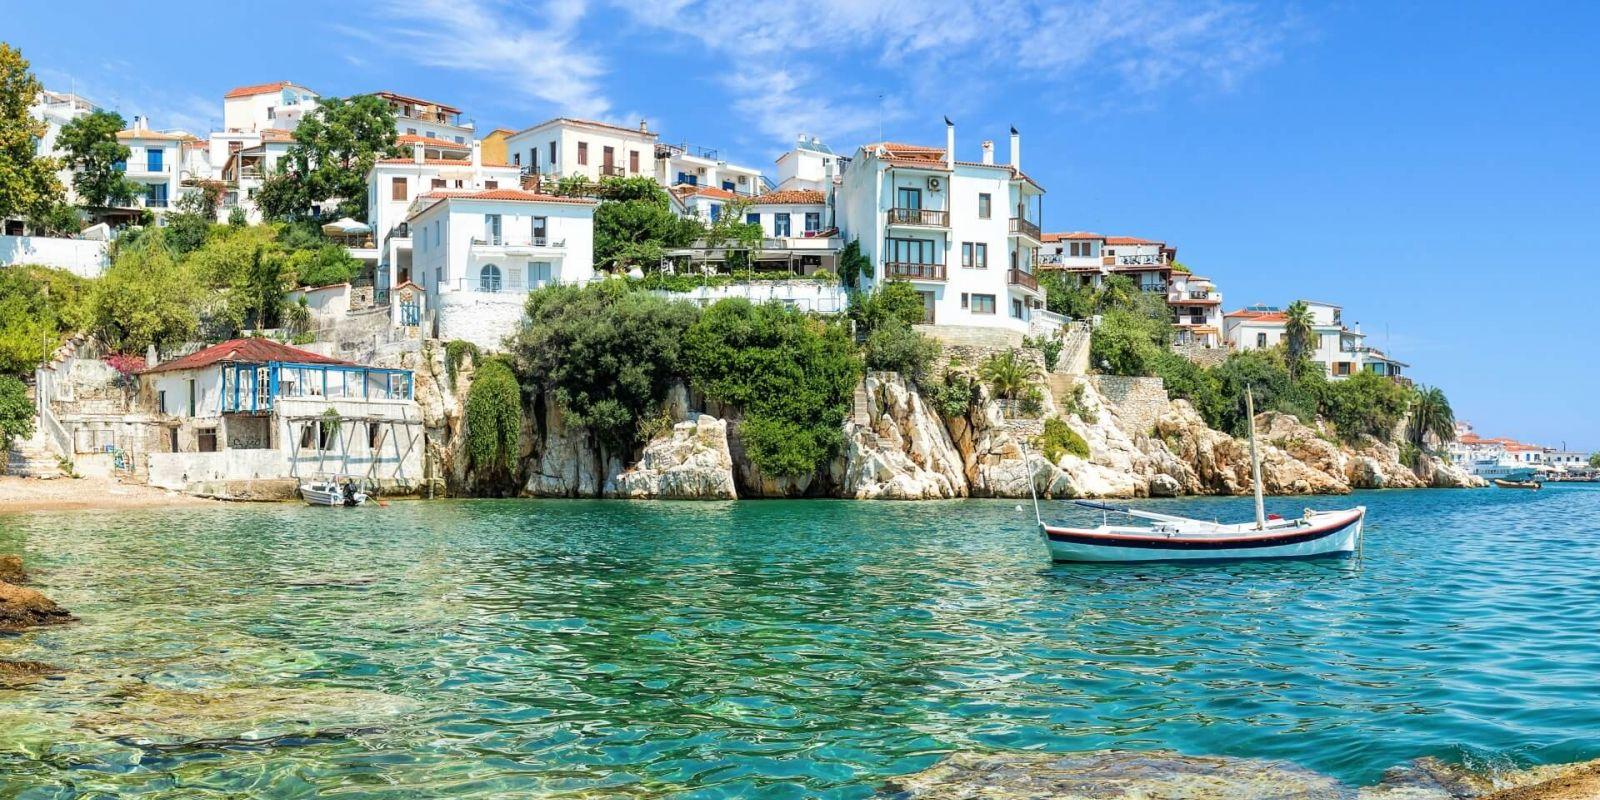 https://www.talamare.fr/medias/Le vieux port de Skiathos sous un beau ciel bleu dans les îles Sporades en Grèce